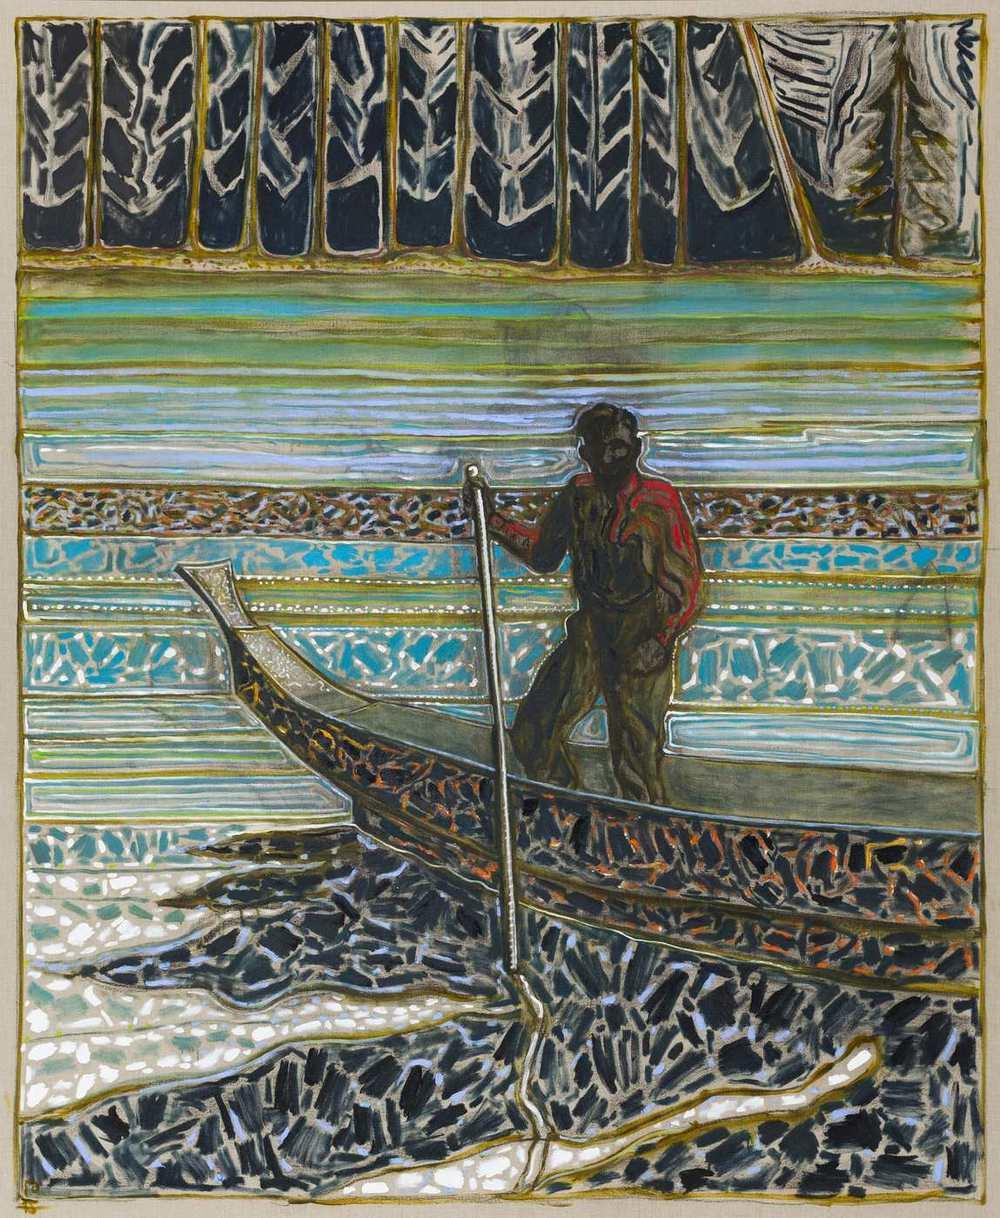 Sailish Fisherman, 2015